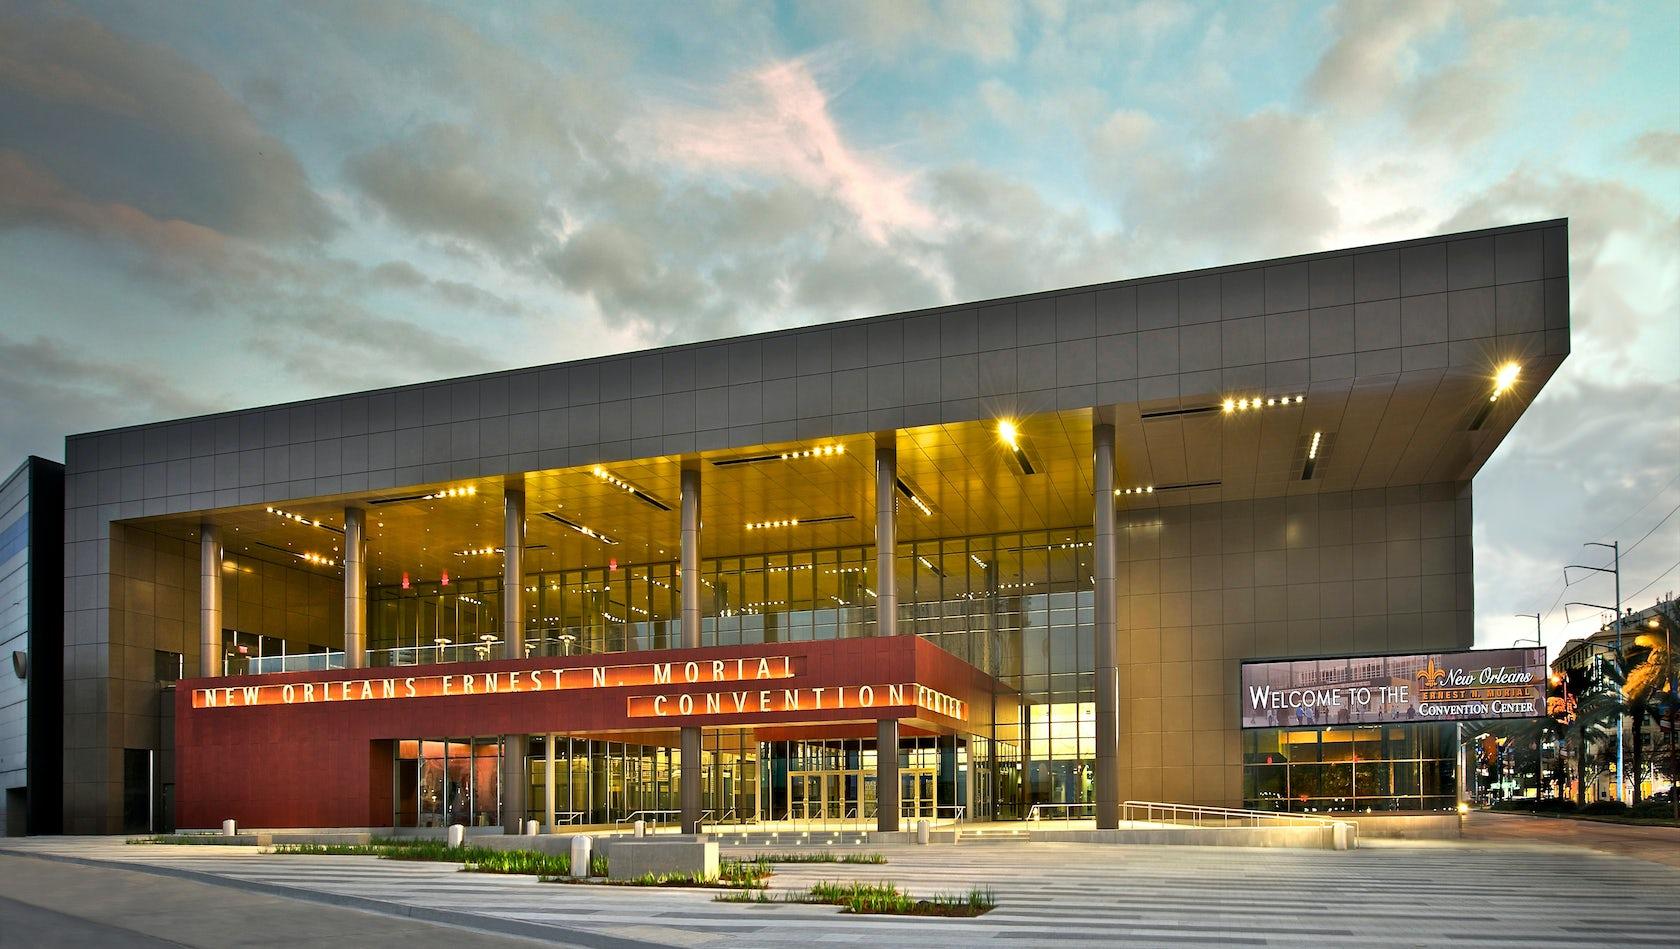 new orleans ernest n morial convention center renovation. Black Bedroom Furniture Sets. Home Design Ideas